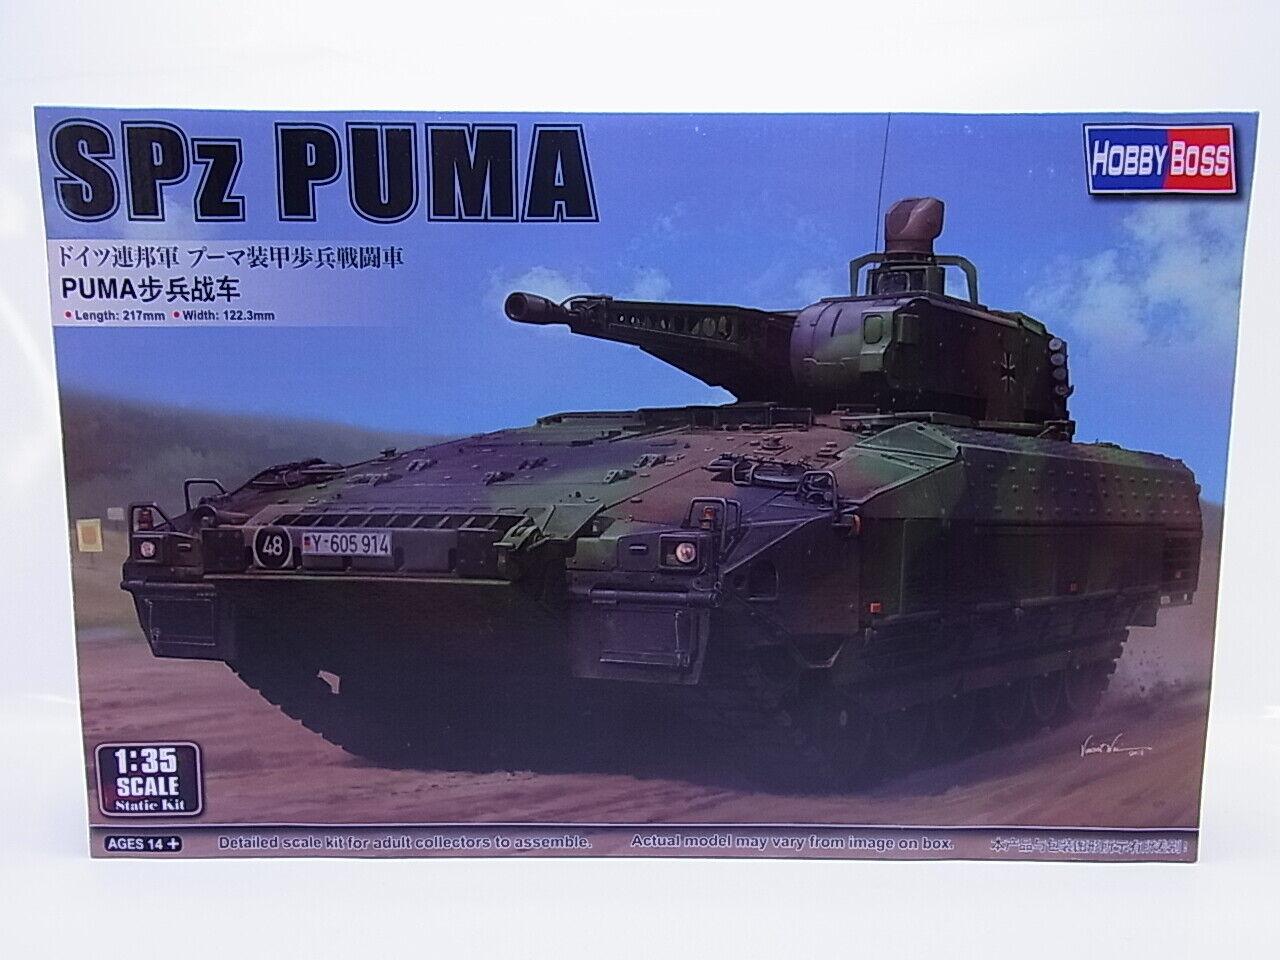 Kit Bausatz Schützenpanzer PUMA,Bundeswehr,Ryefield,5021 1:35 scale,OVP,NEU